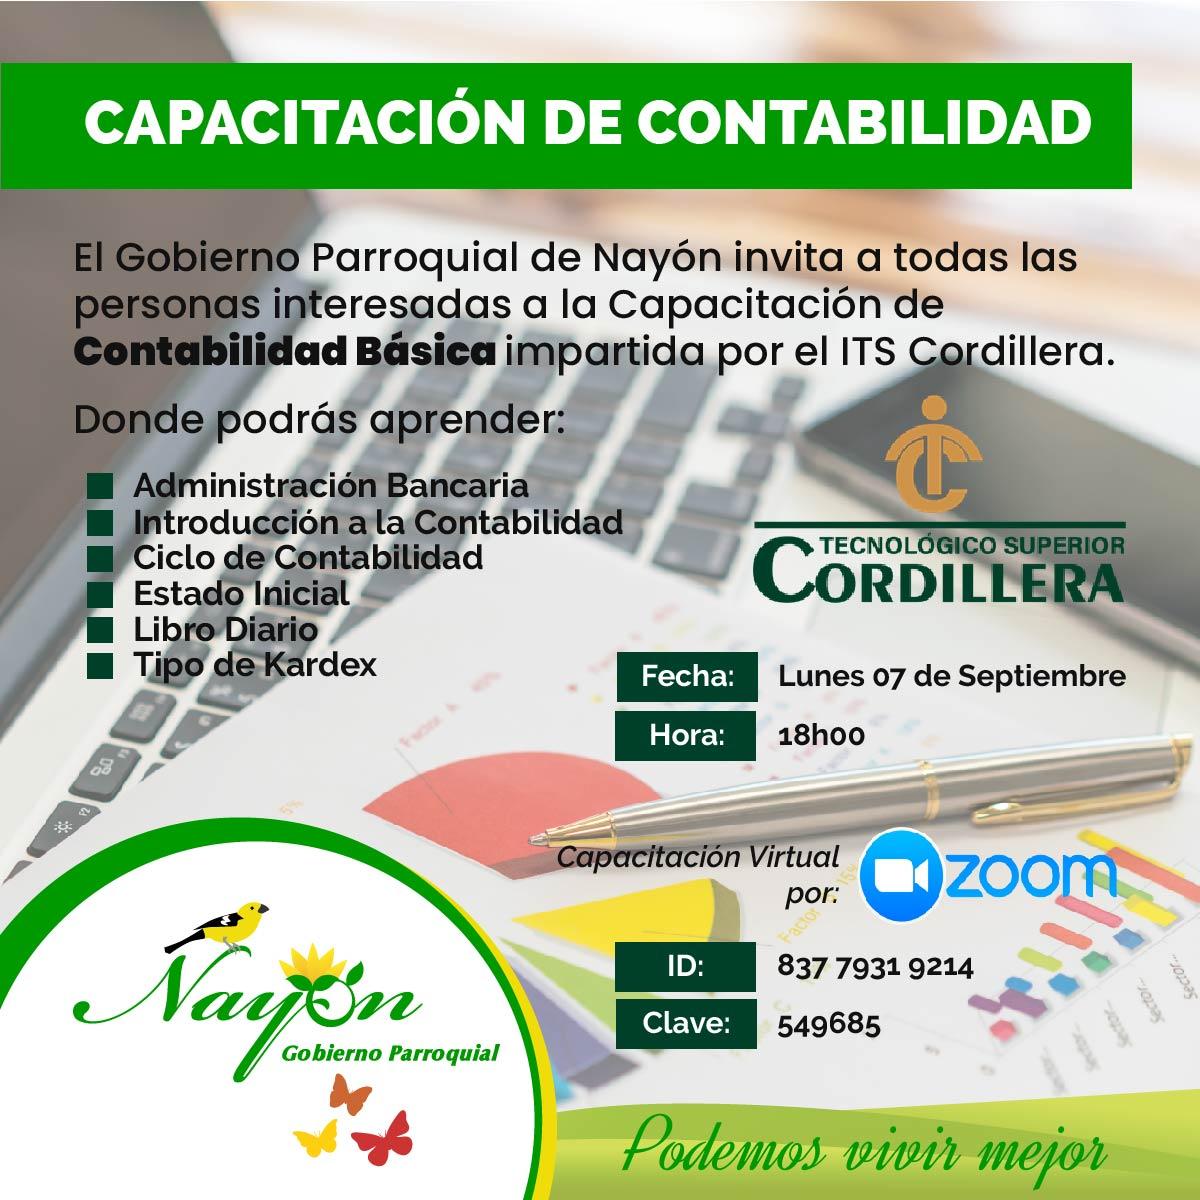 Capacitación de Contabilidad Básica - Gad Nayón